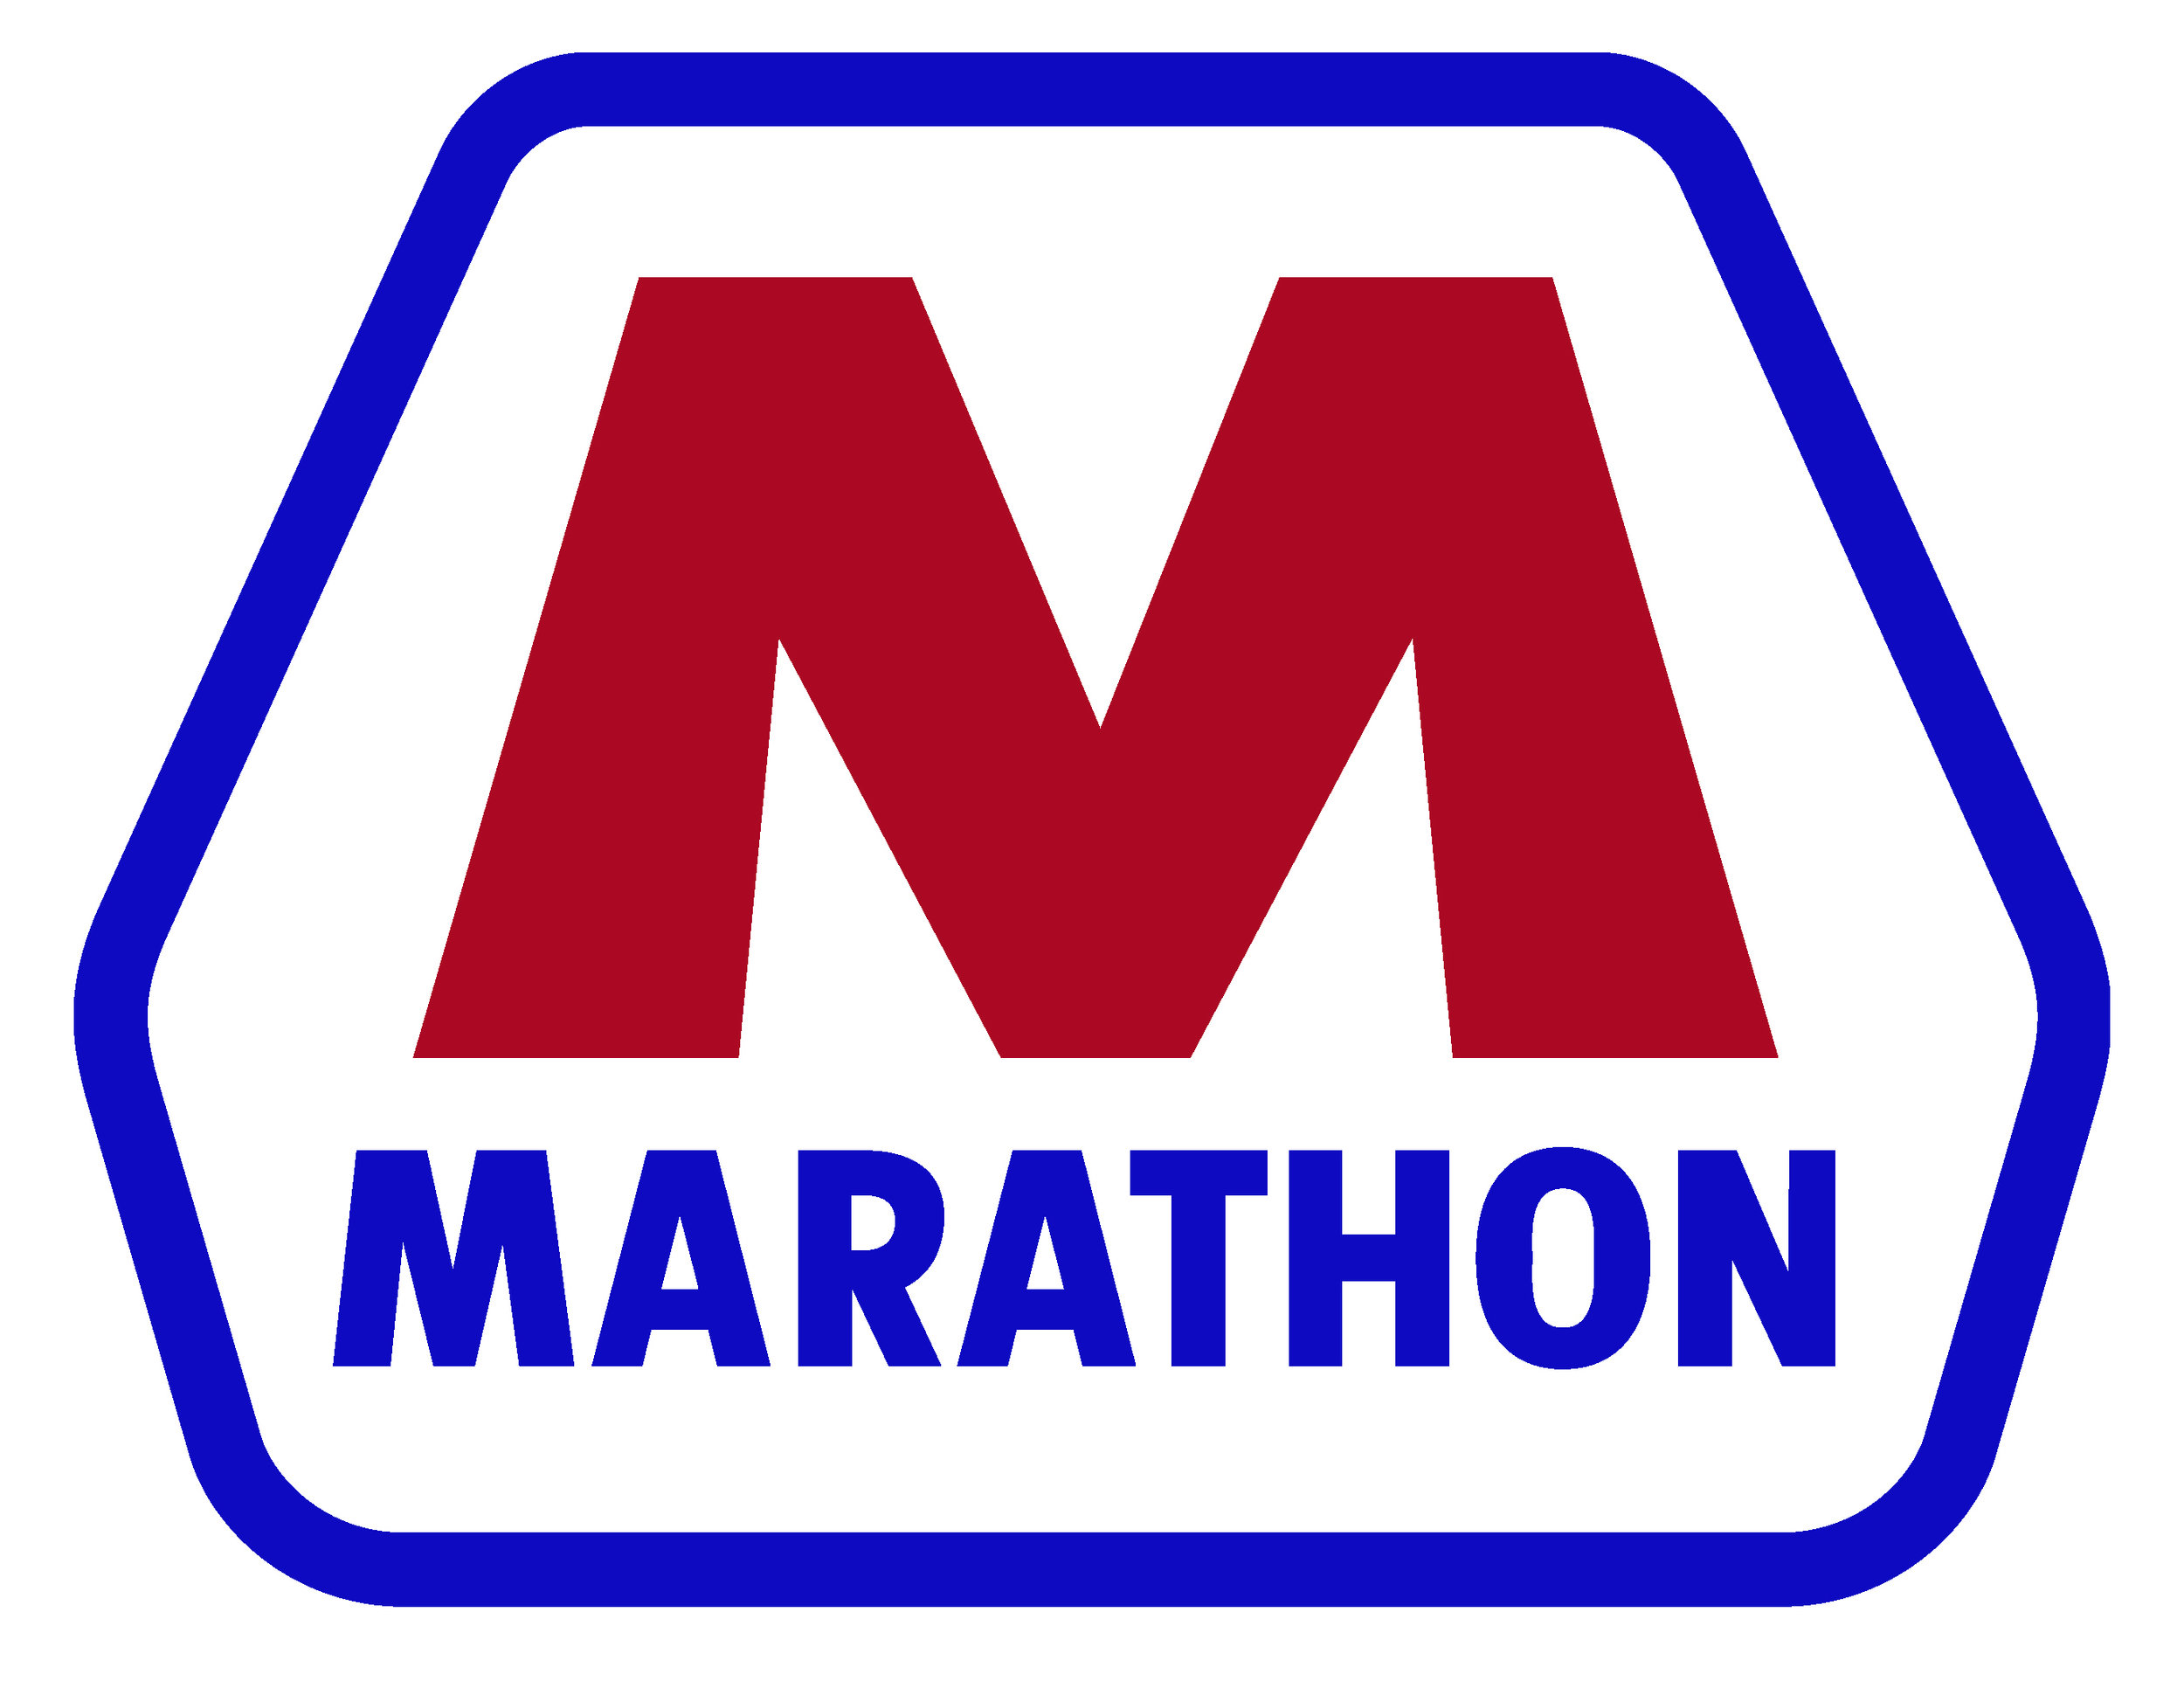 Marathon Logo.jpg